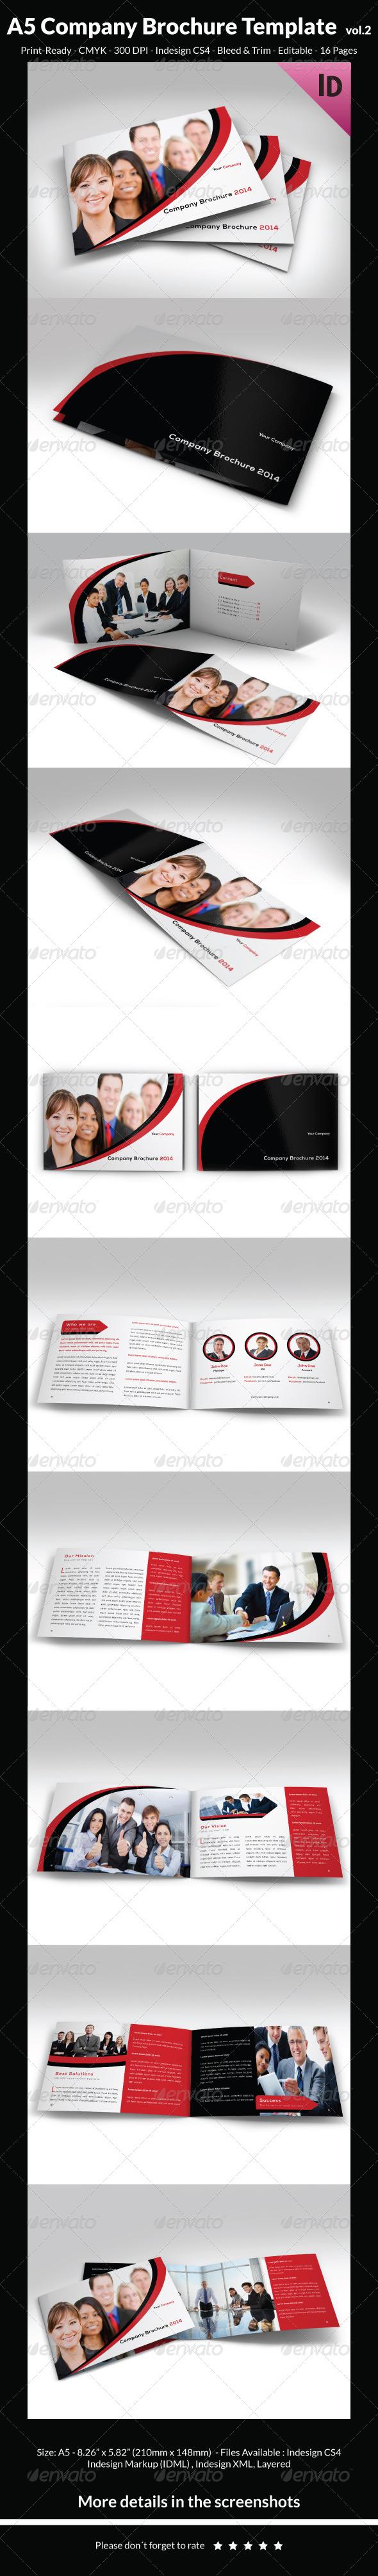 A5 Company Brochure Template vol.2 - Corporate Brochures